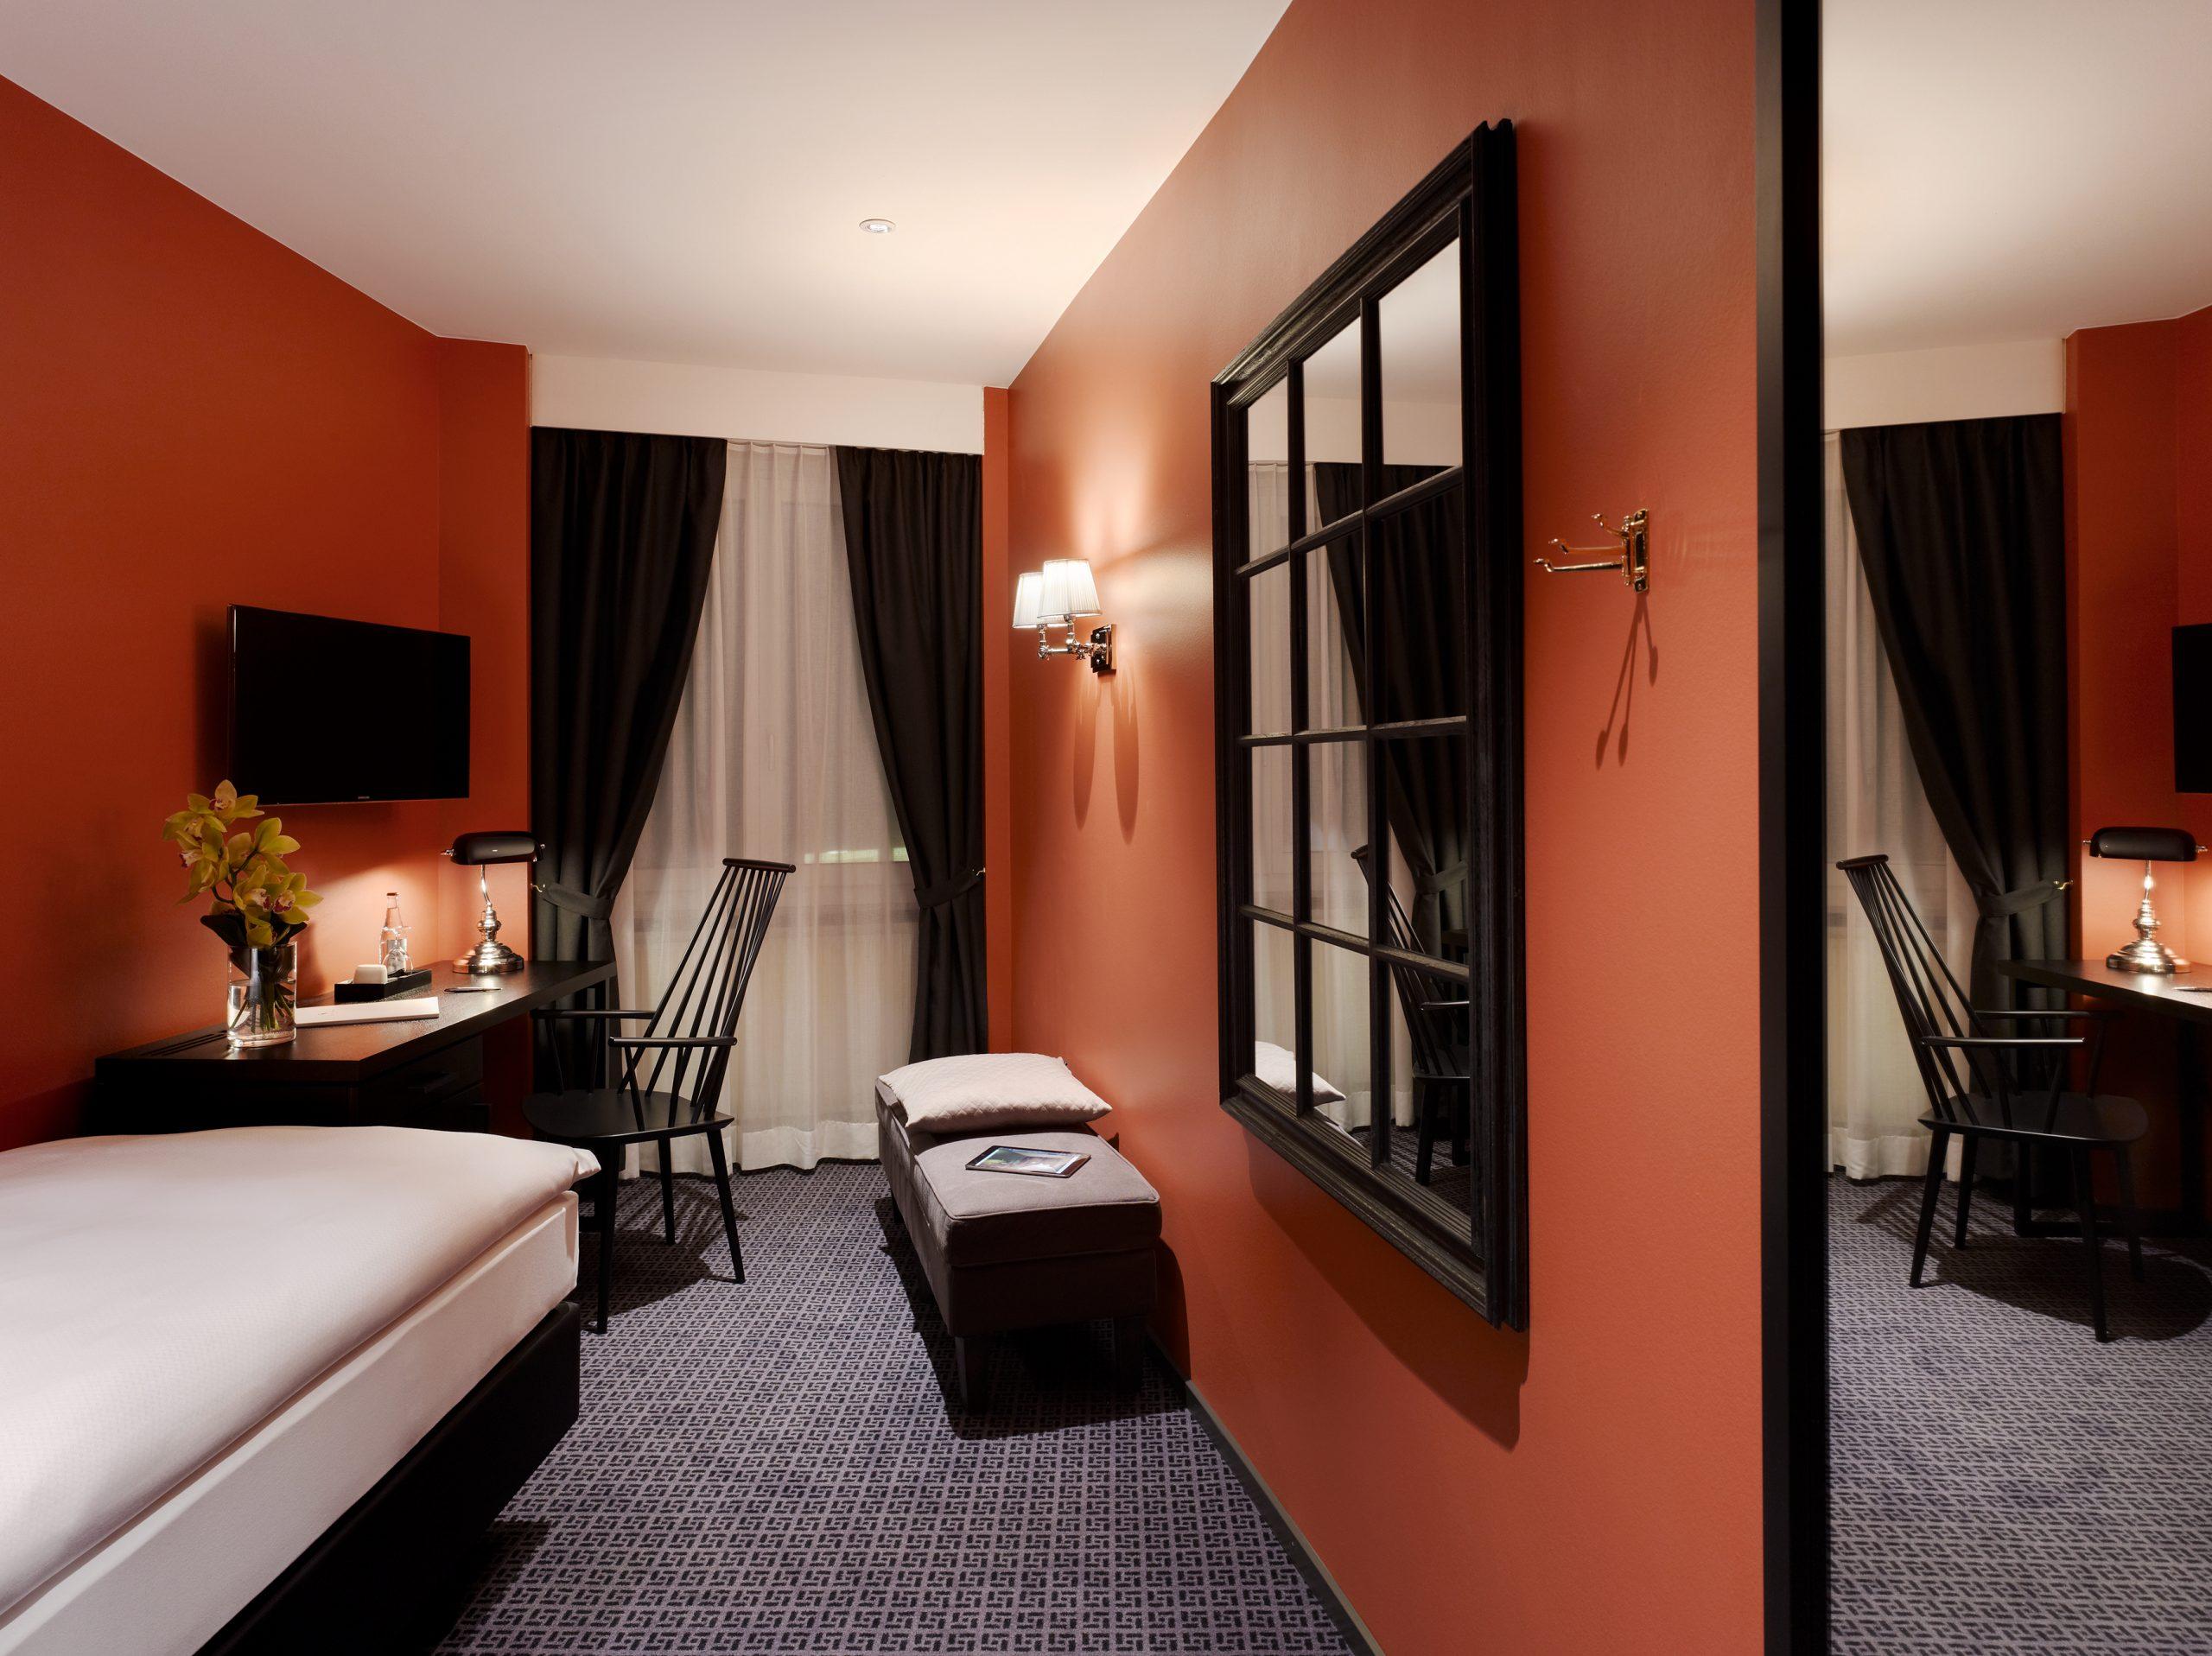 Einzelzimmer Economy, Hotel City Zürich